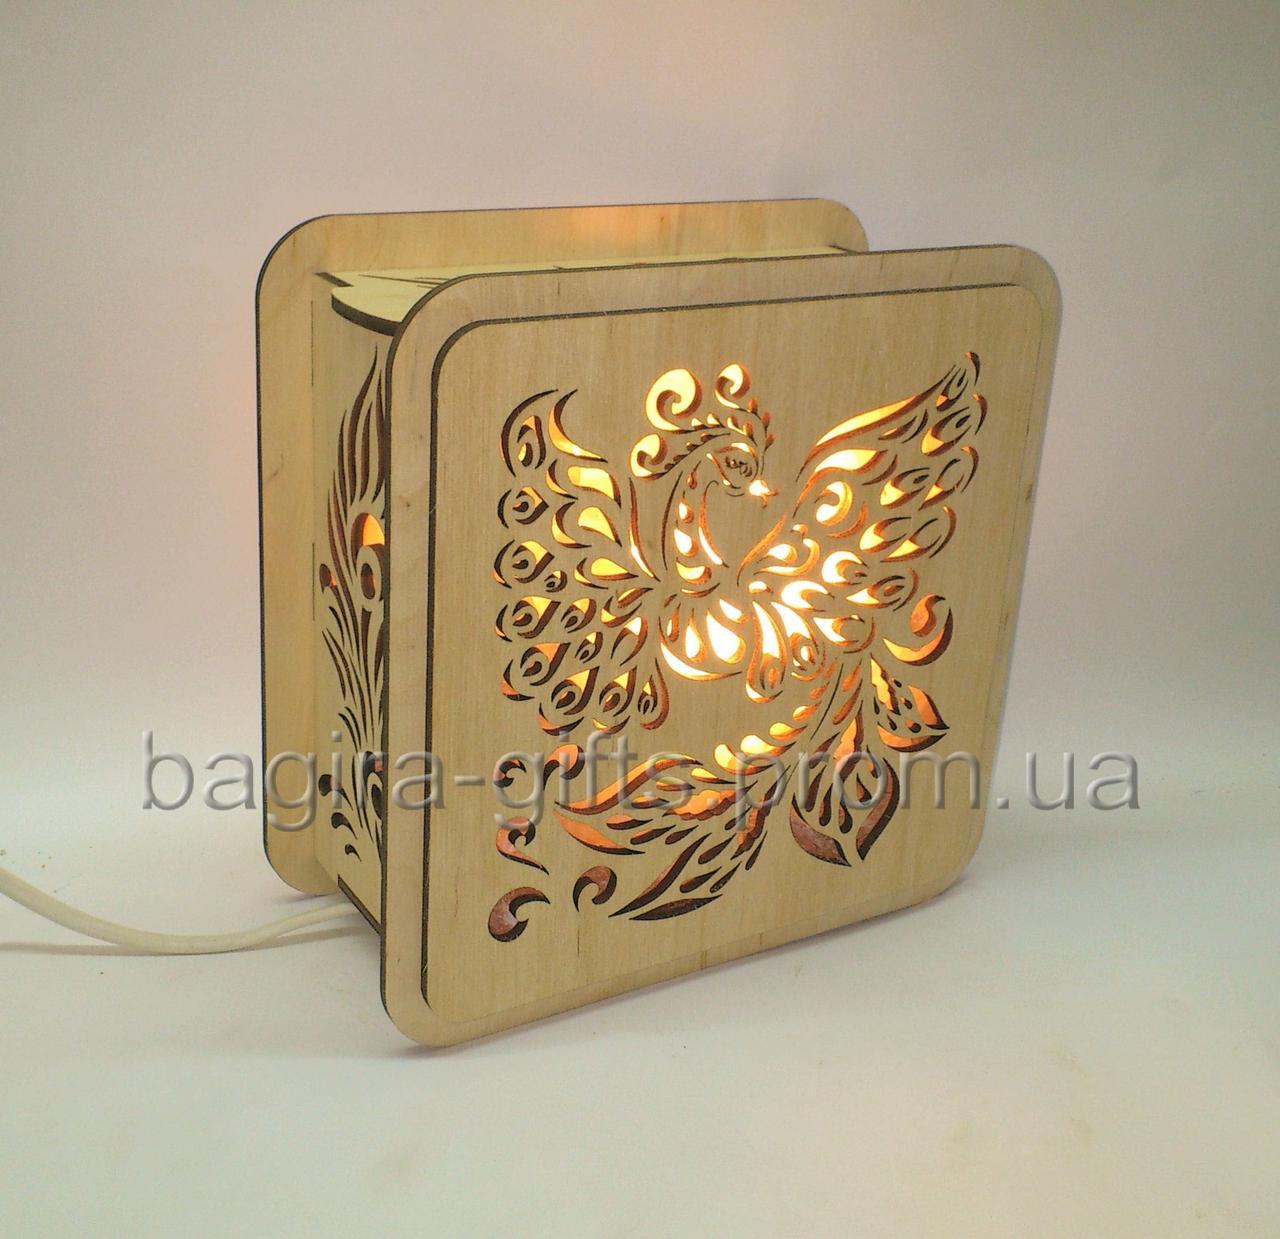 Соляной светильник Квадратный деревянный Жар птица